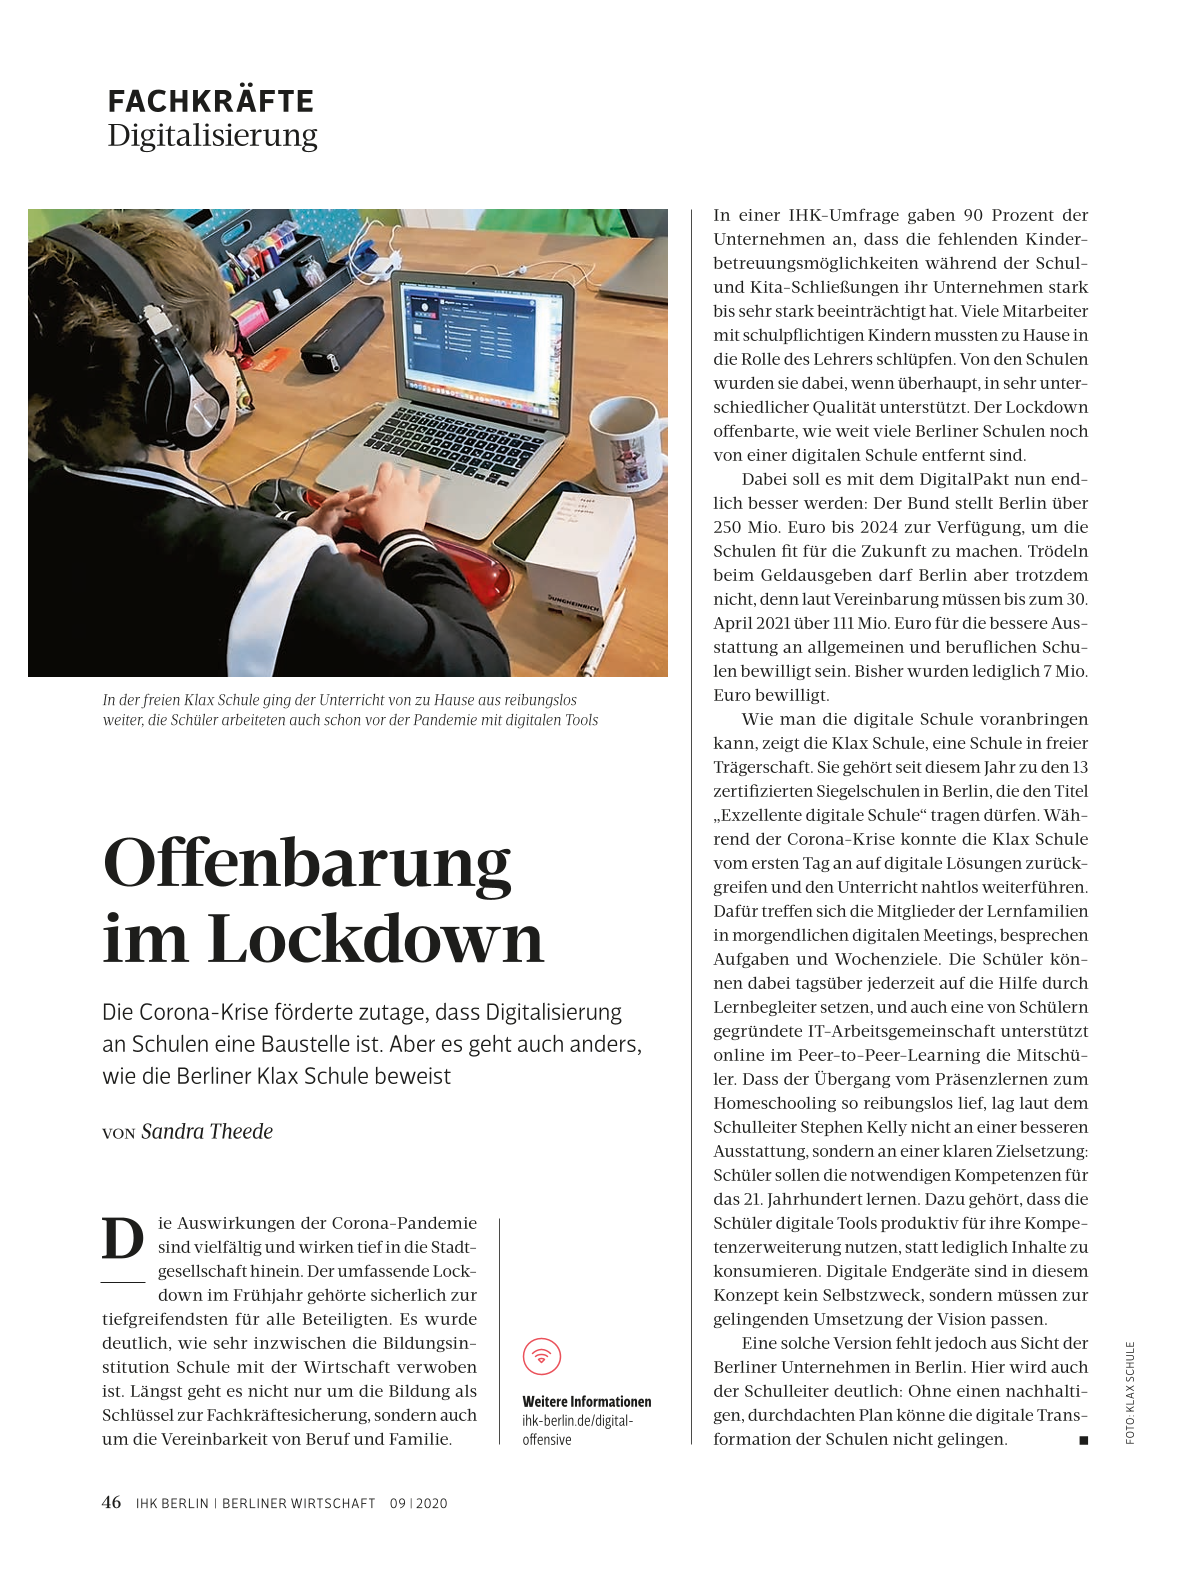 Klax Schule als Vorbild für digitale Transformation